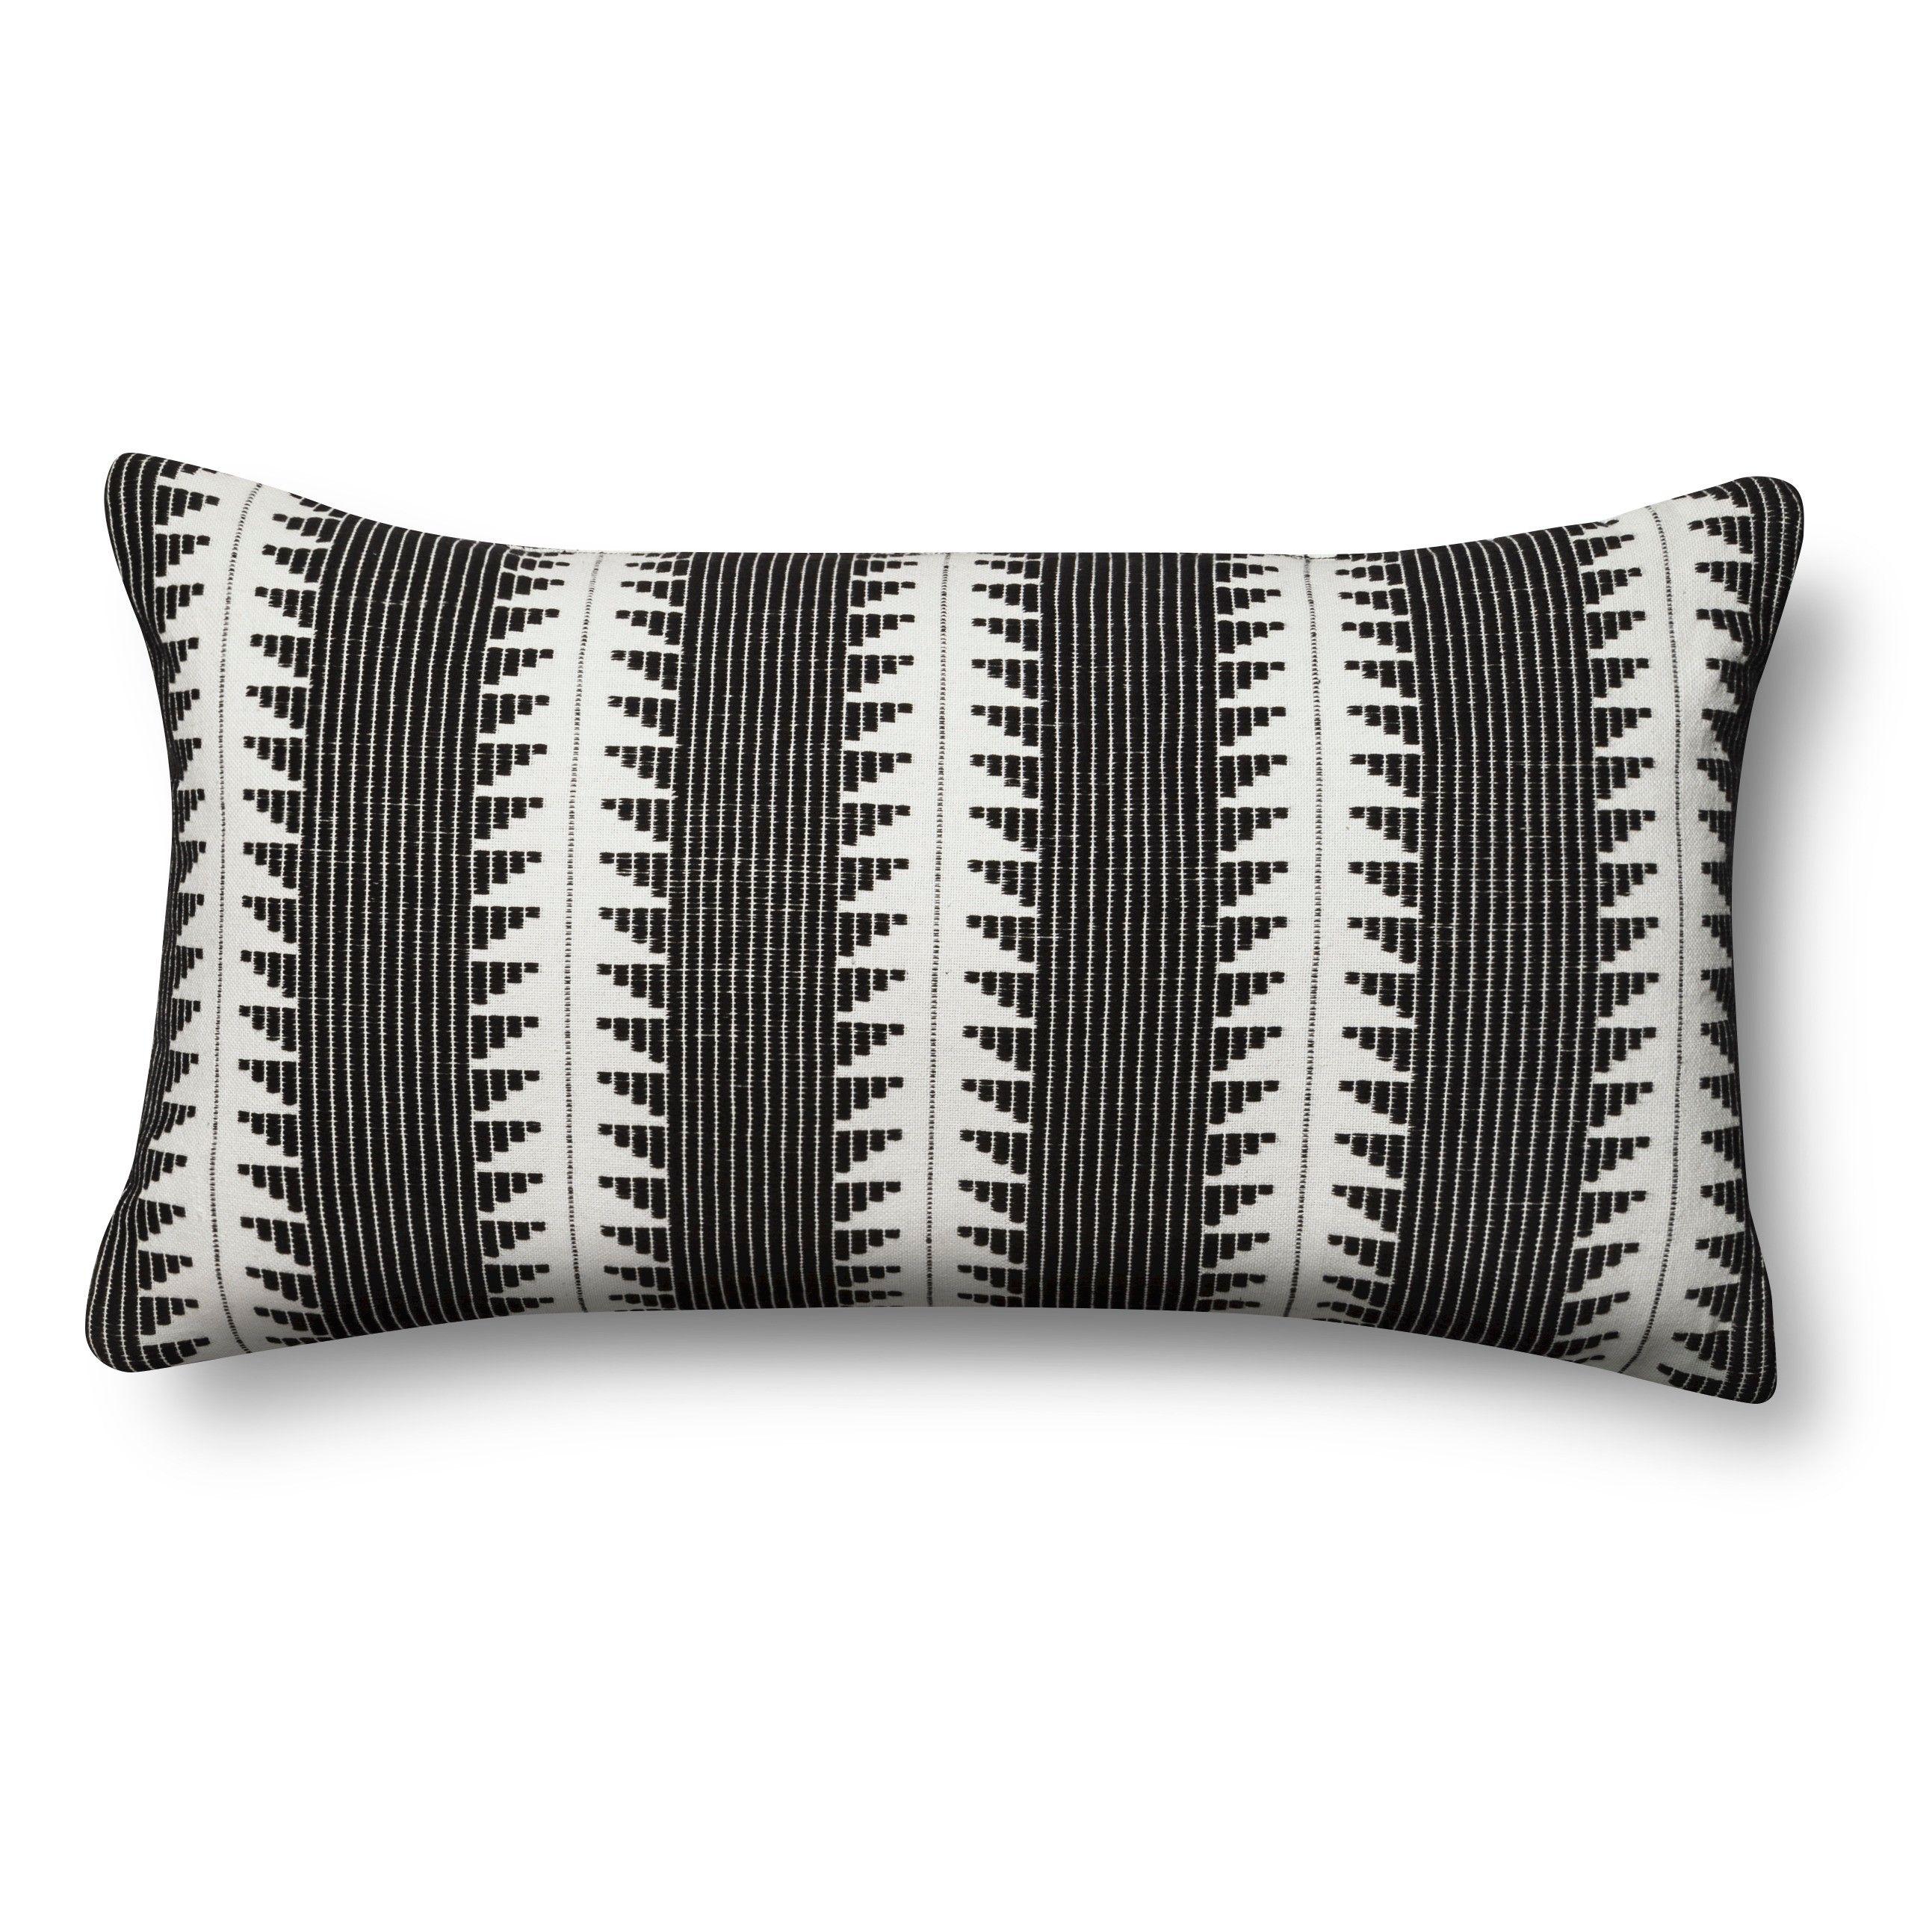 Black global oversized lumbar throw pillow bed sofa spot